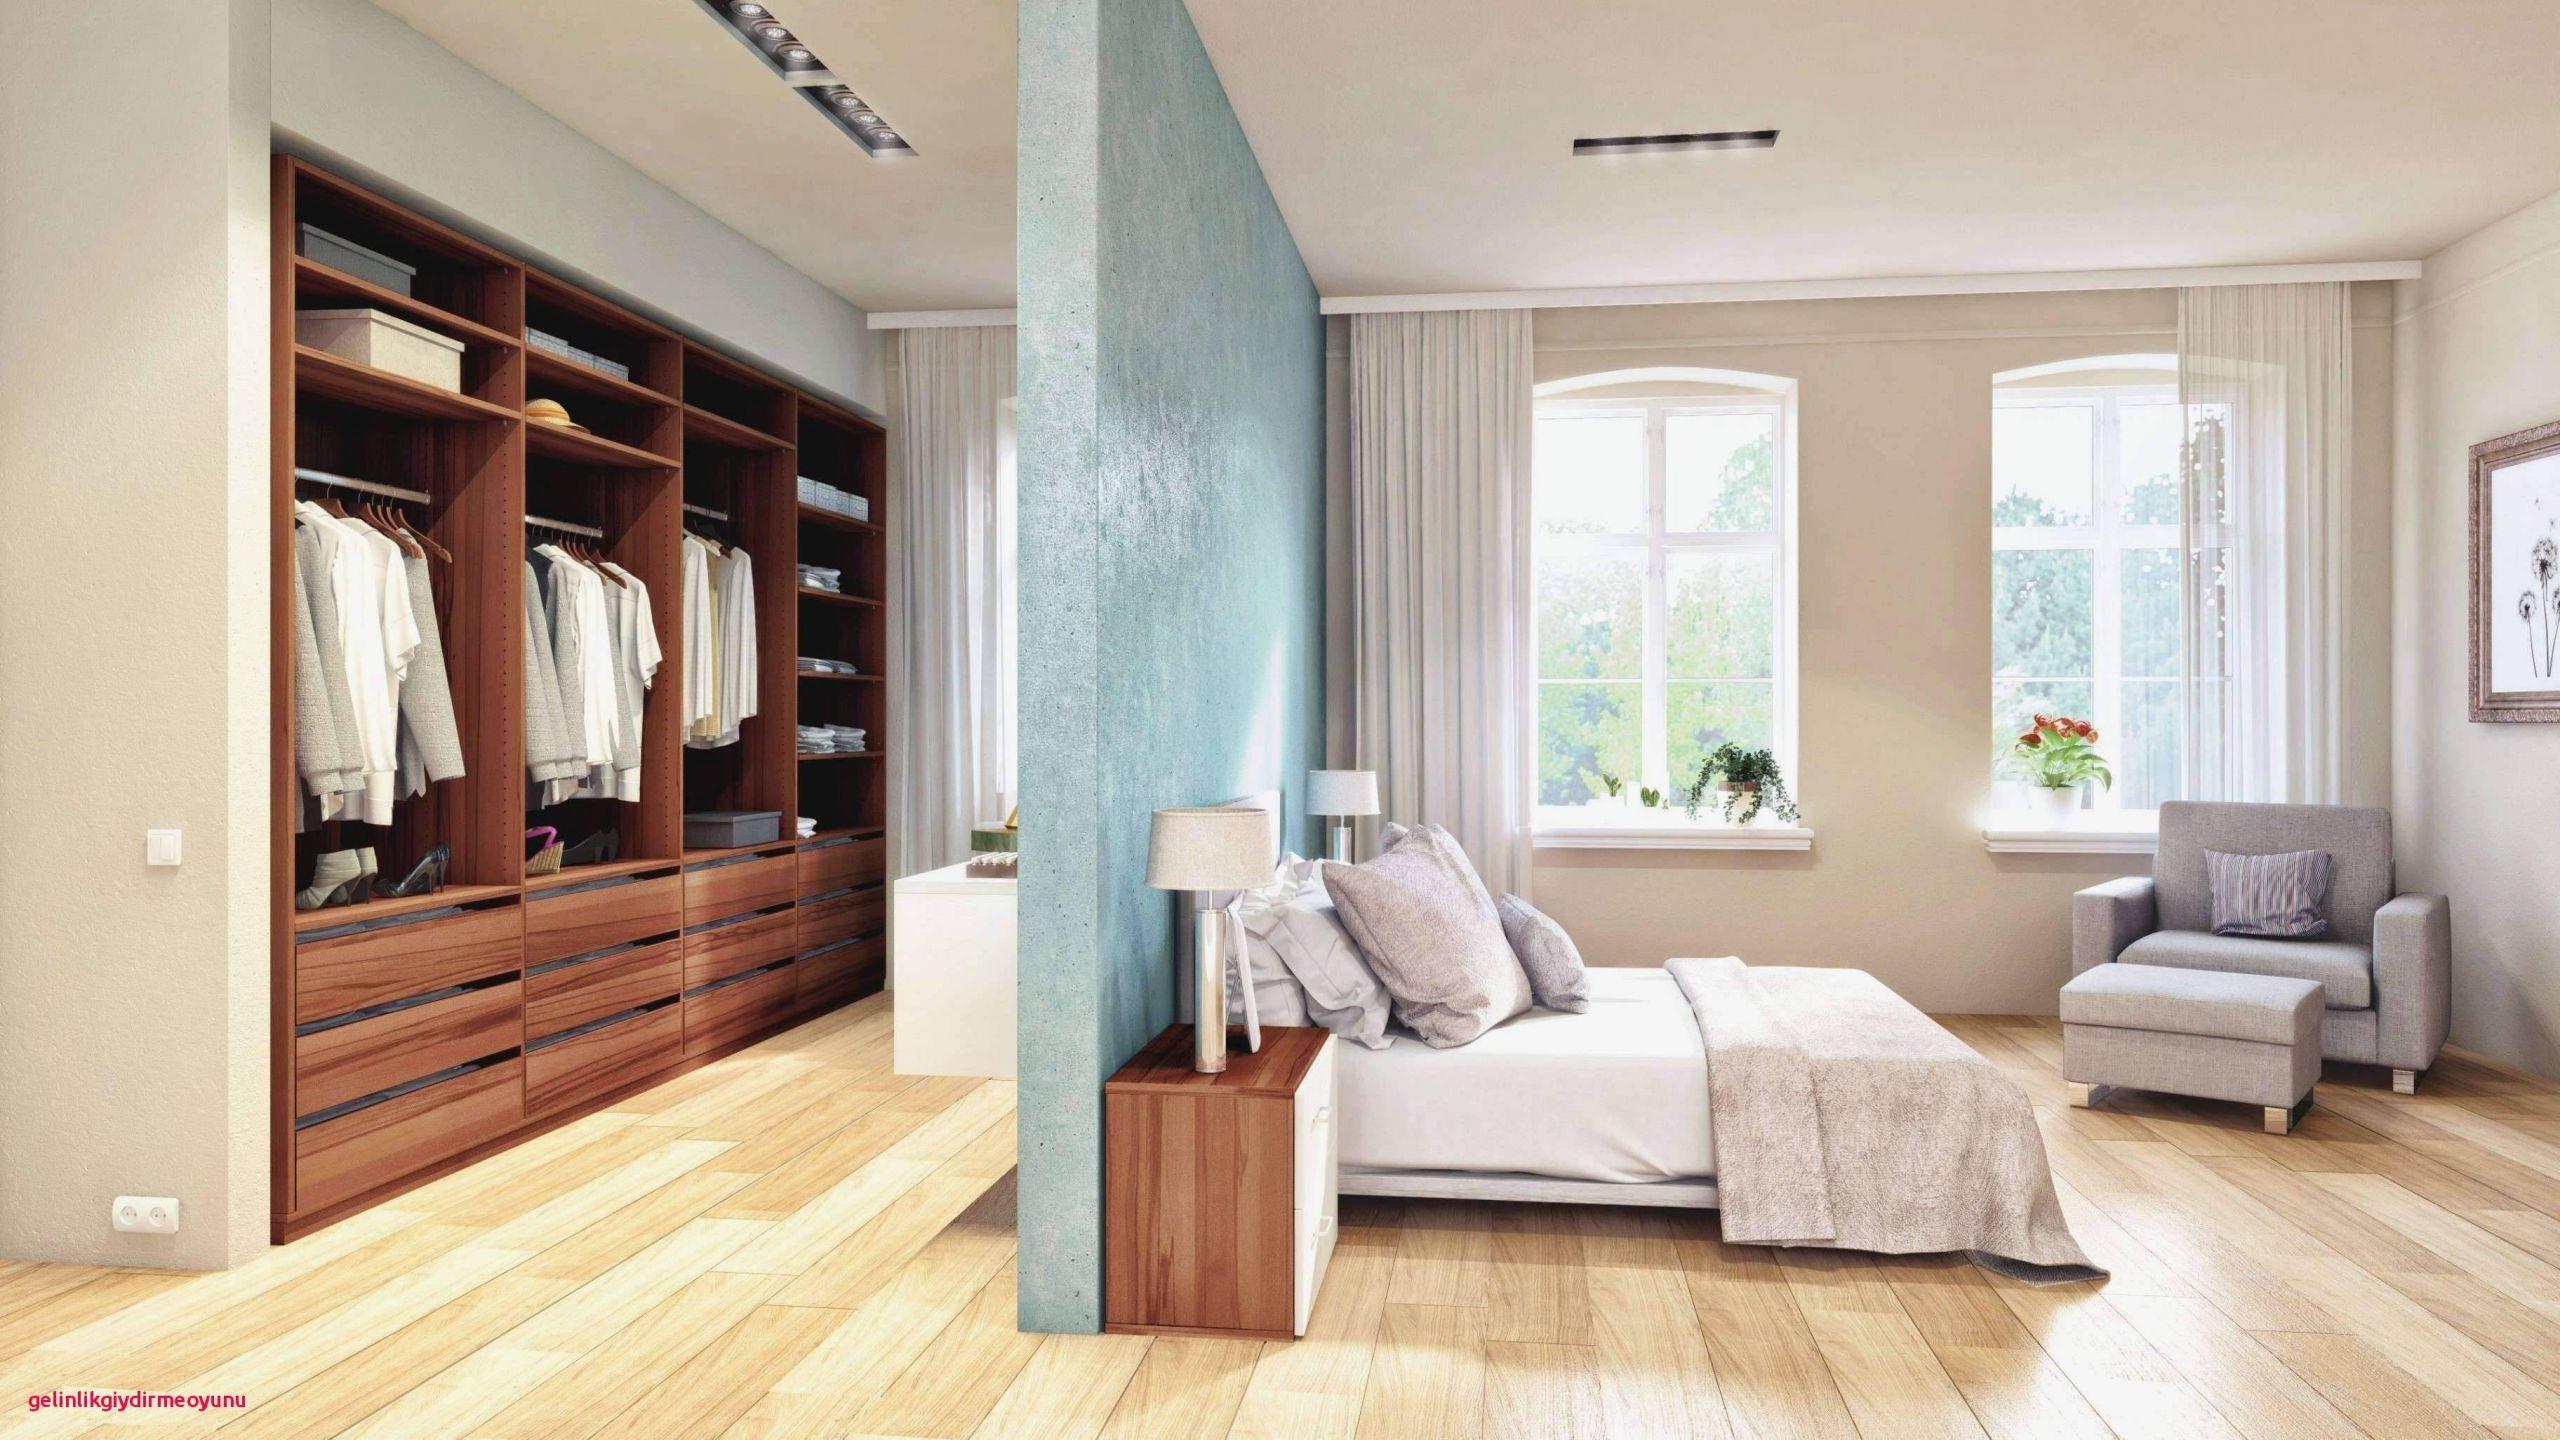 deko fur wohnzimmer inspirierend inspirierend deko ideen fur kleines wohnzimmer inspirationen of deko fur wohnzimmer scaled